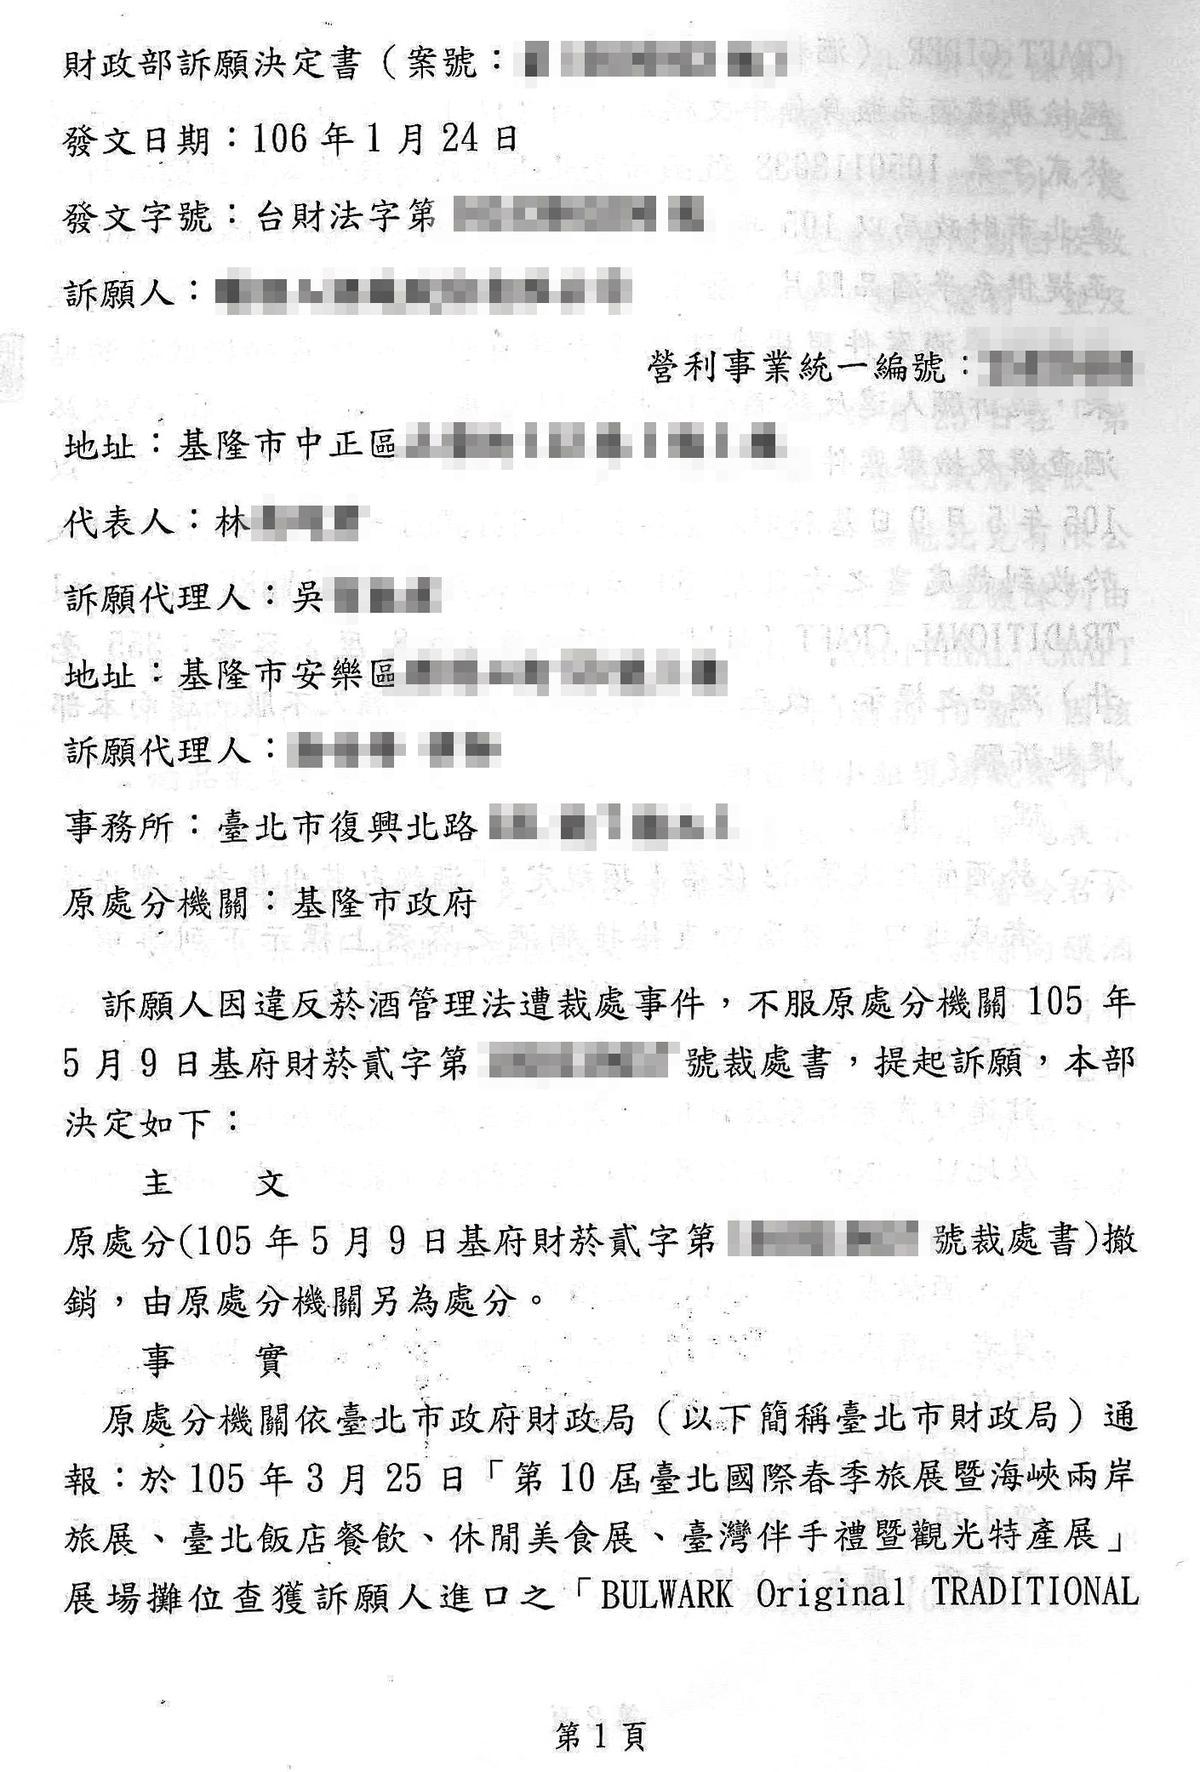 吳女遭栽贓後,2度提出訴願均獲裁罰撤銷,因此怒控基隆市府官員違法。